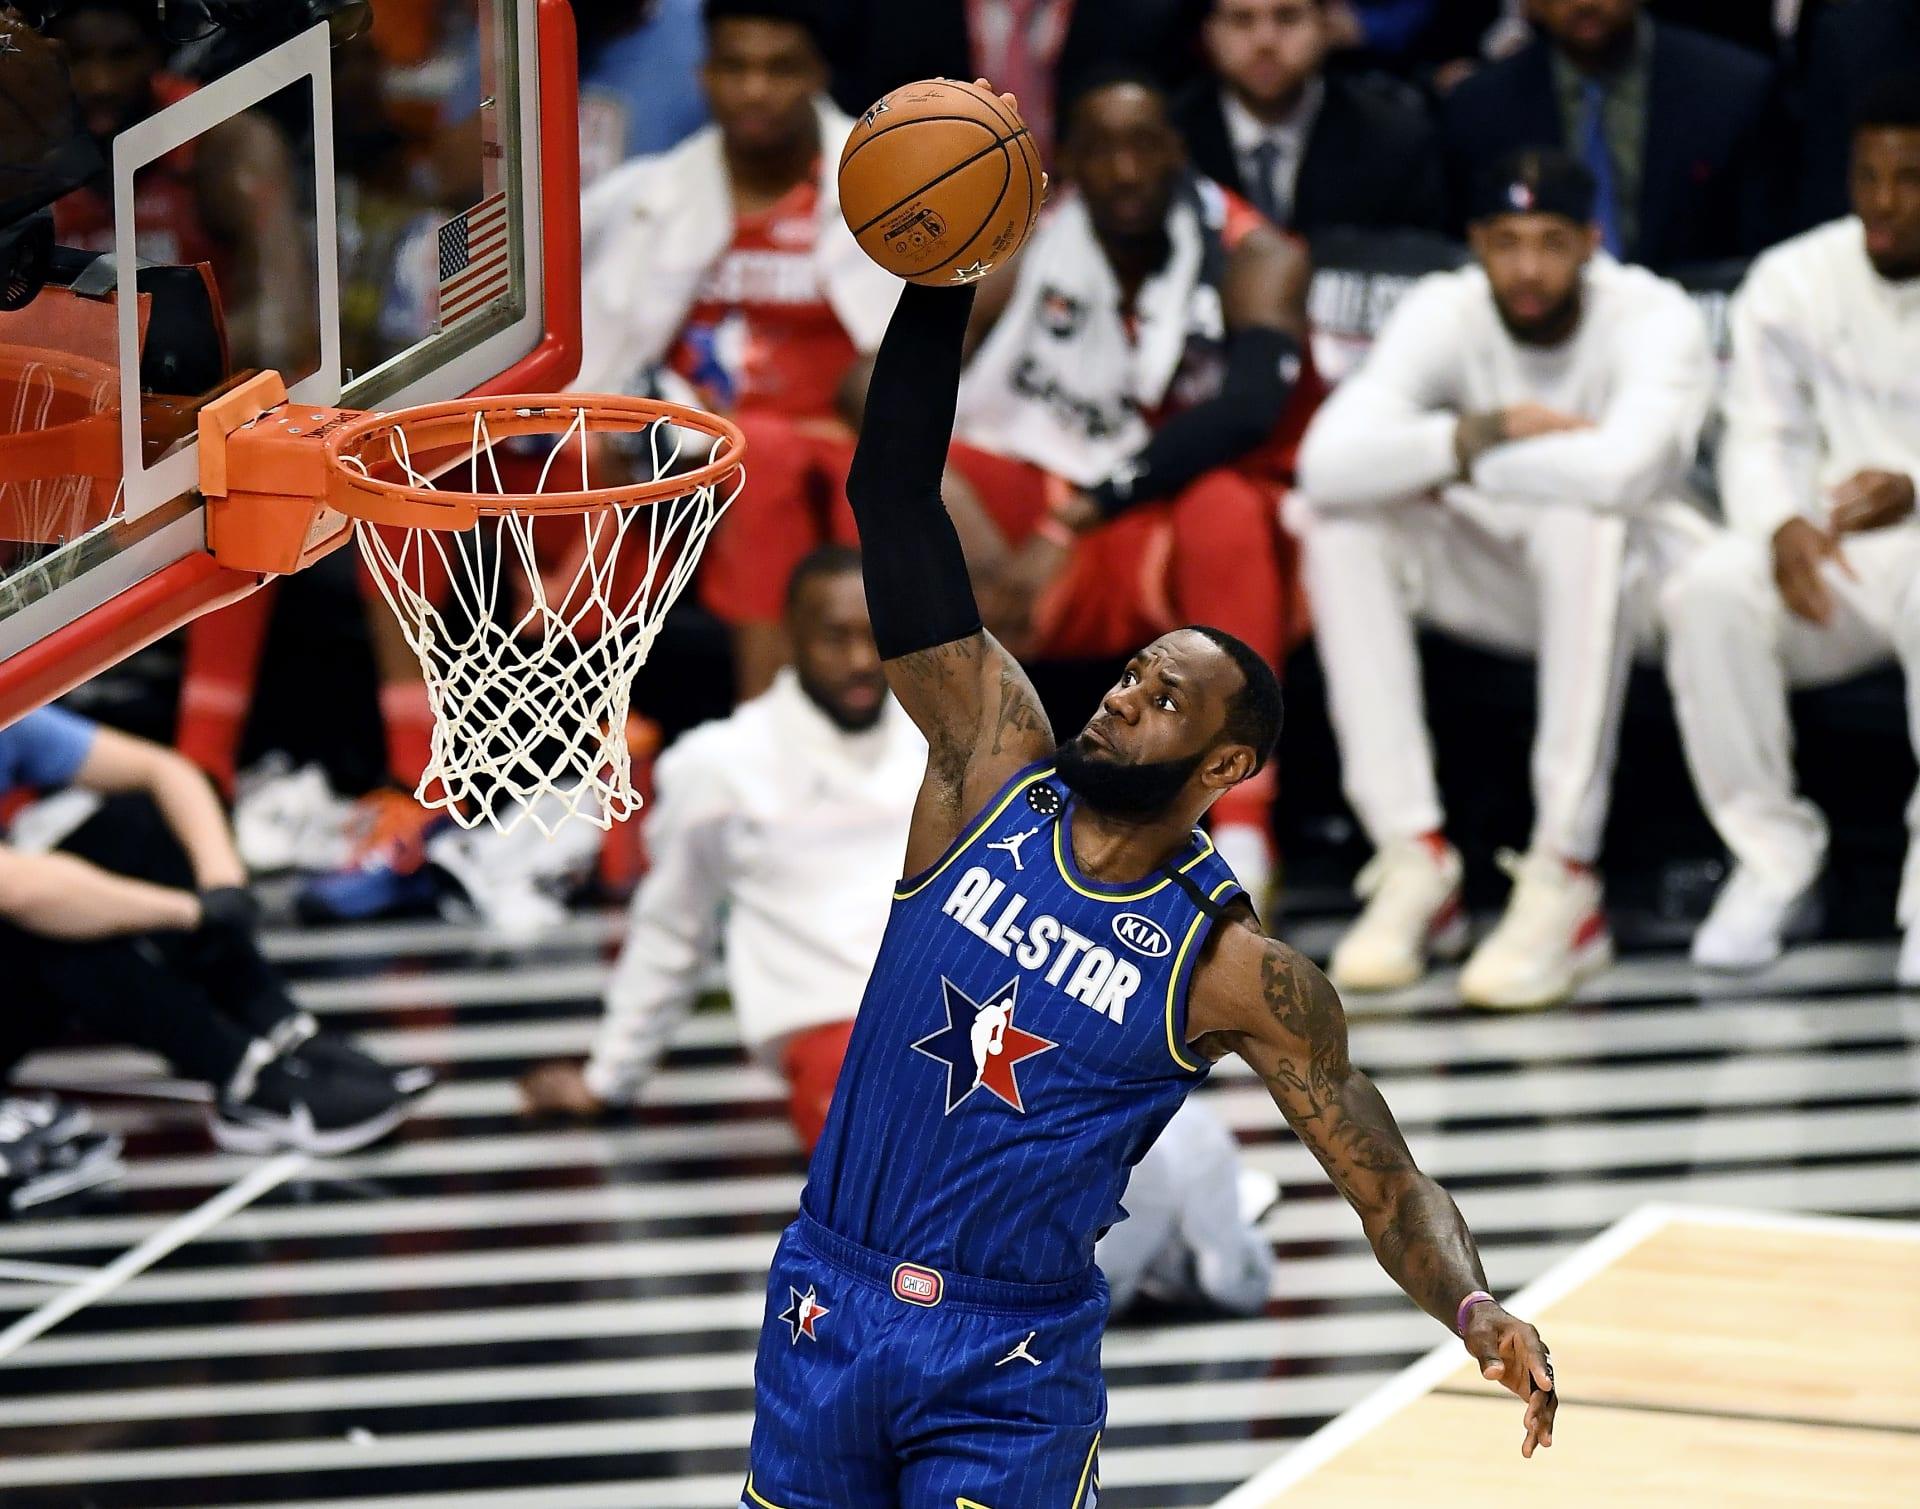 LeBron James NBA All-Star Game 2020